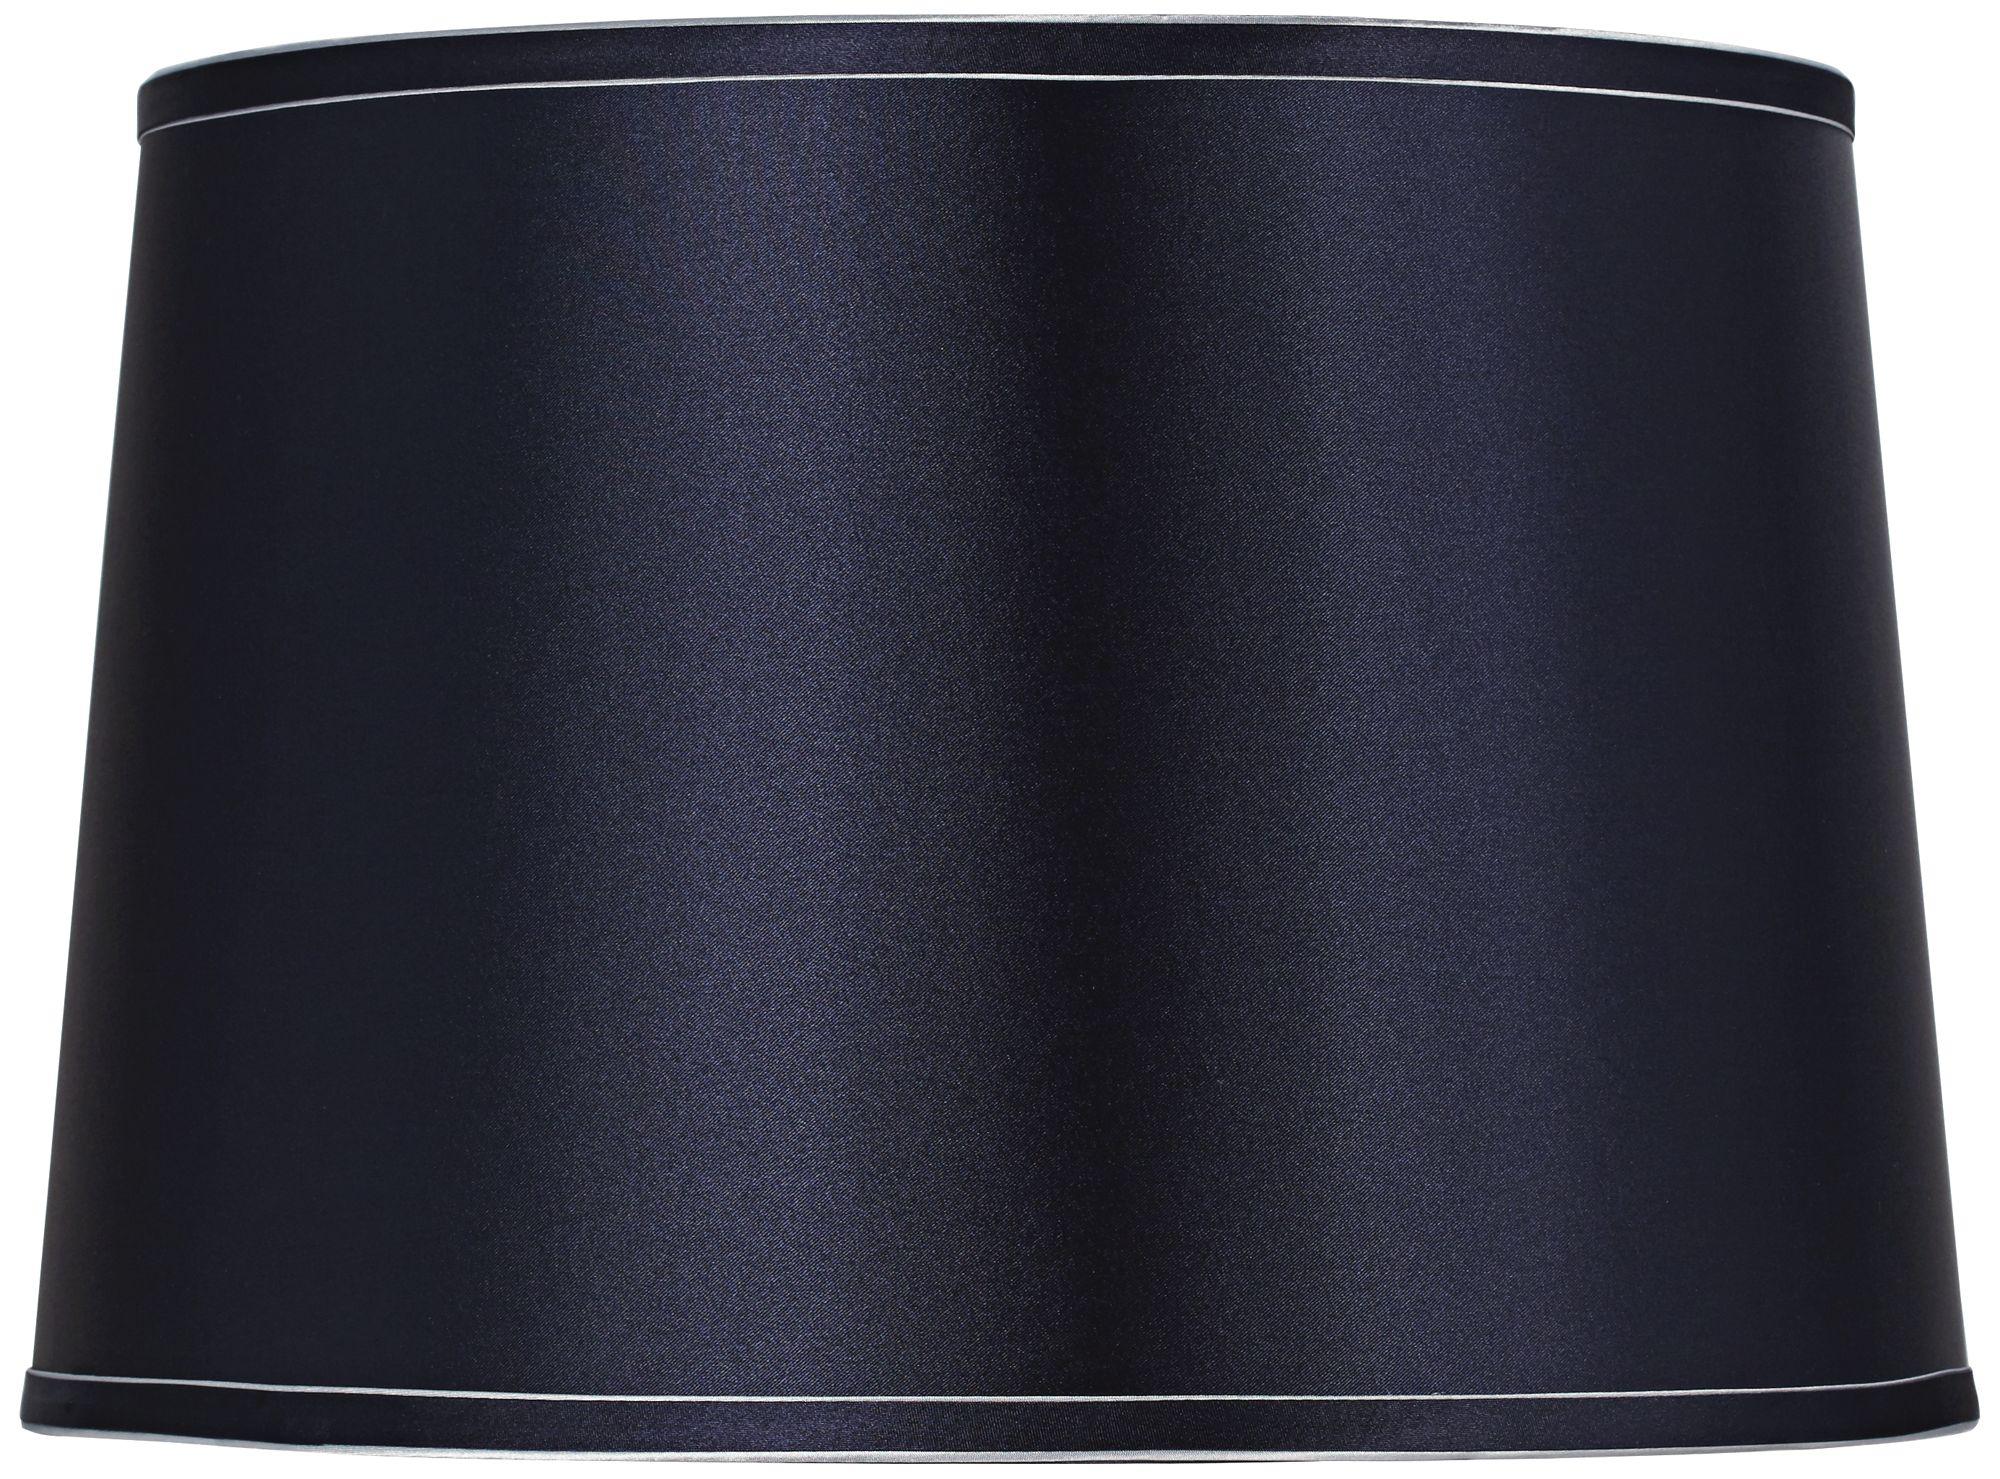 Attractive Sydnee Navy With Silver Trim Drum Shade 14x16x11 (Spider)